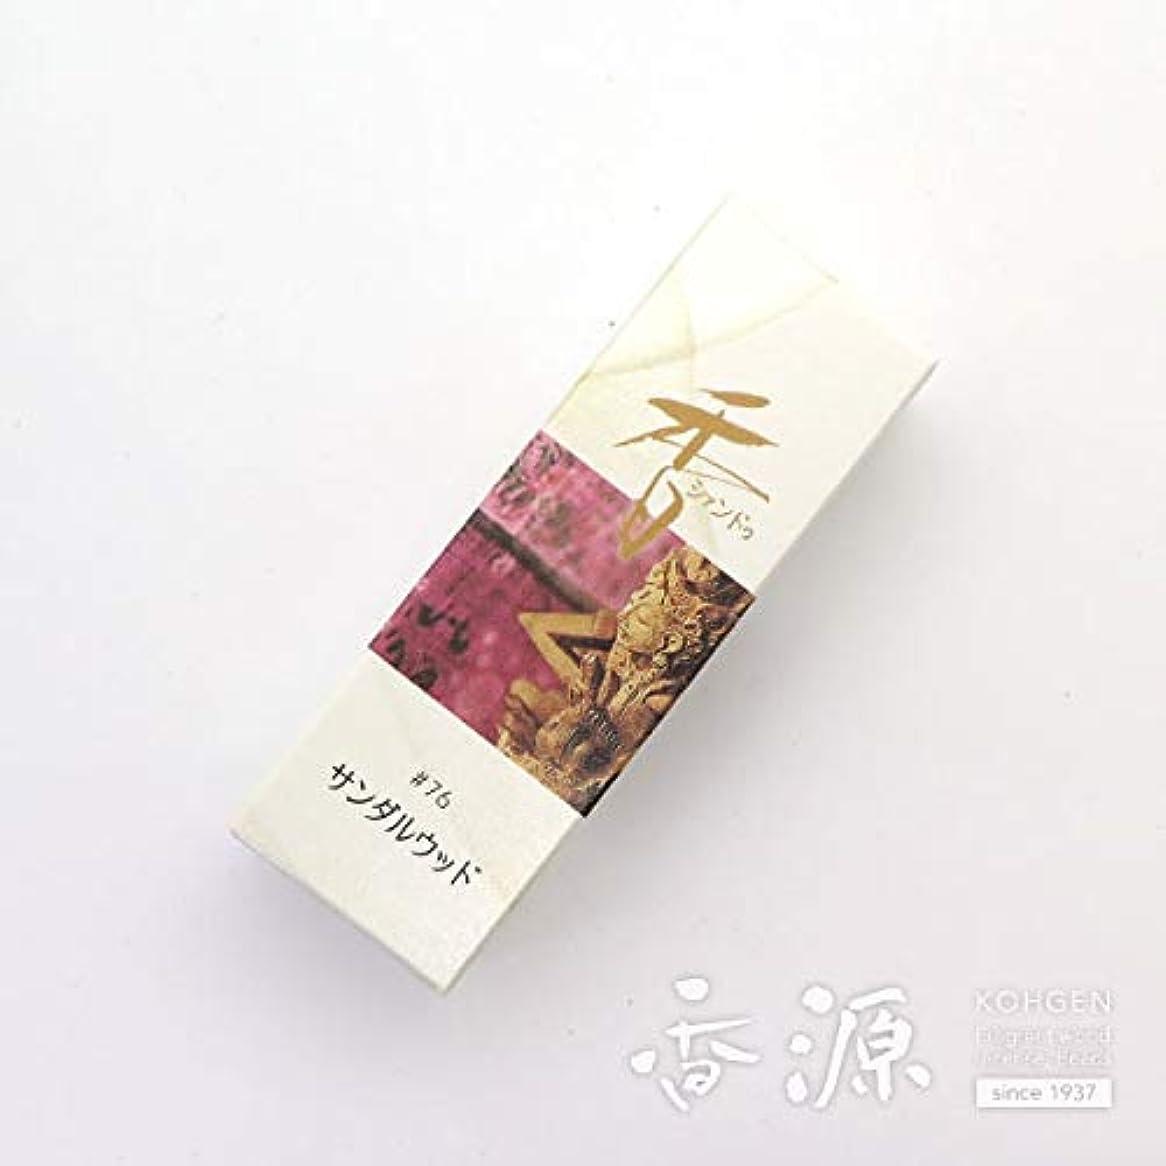 影響するきしむロボット松栄堂のお香 Xiang Do サンダルウッド ST20本入 簡易香立付 #214276